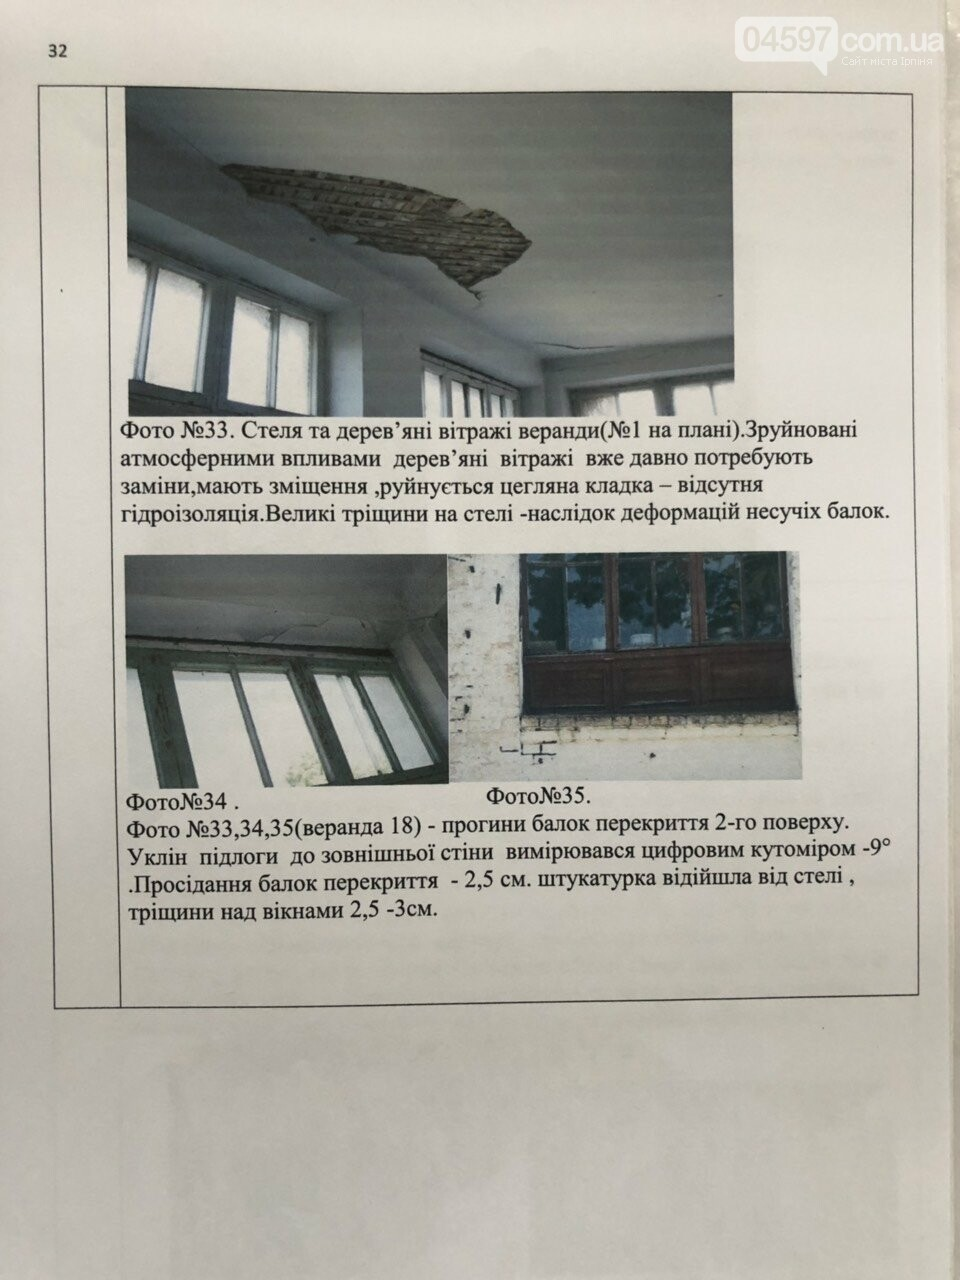 Ольга Прилипко: школа 15 потребує капітального ремонту, фото-21